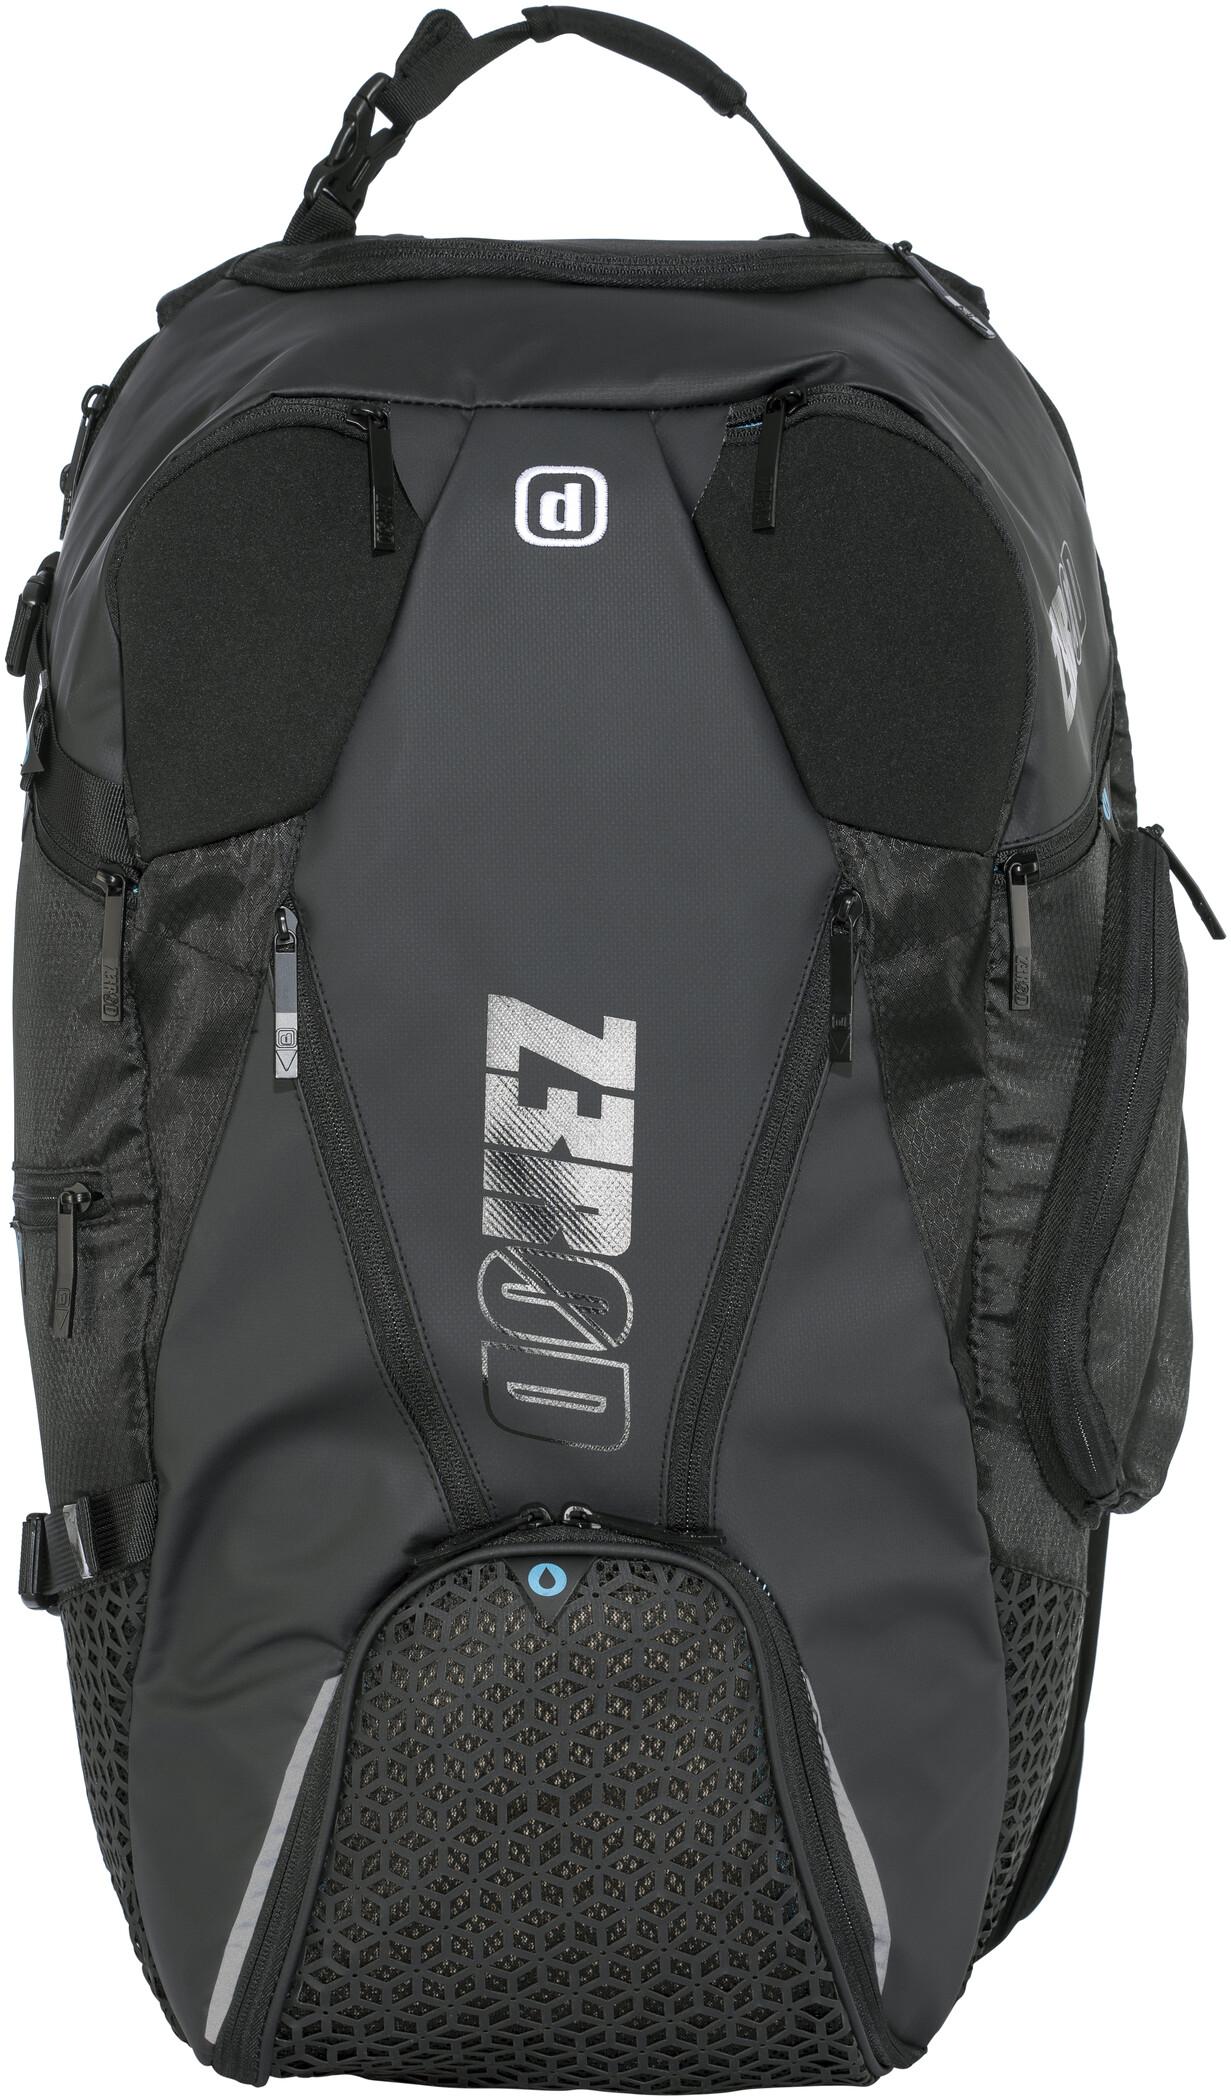 Z3R0D Transition Svømmerygsæk 60L | Rygsæk og rejsetasker